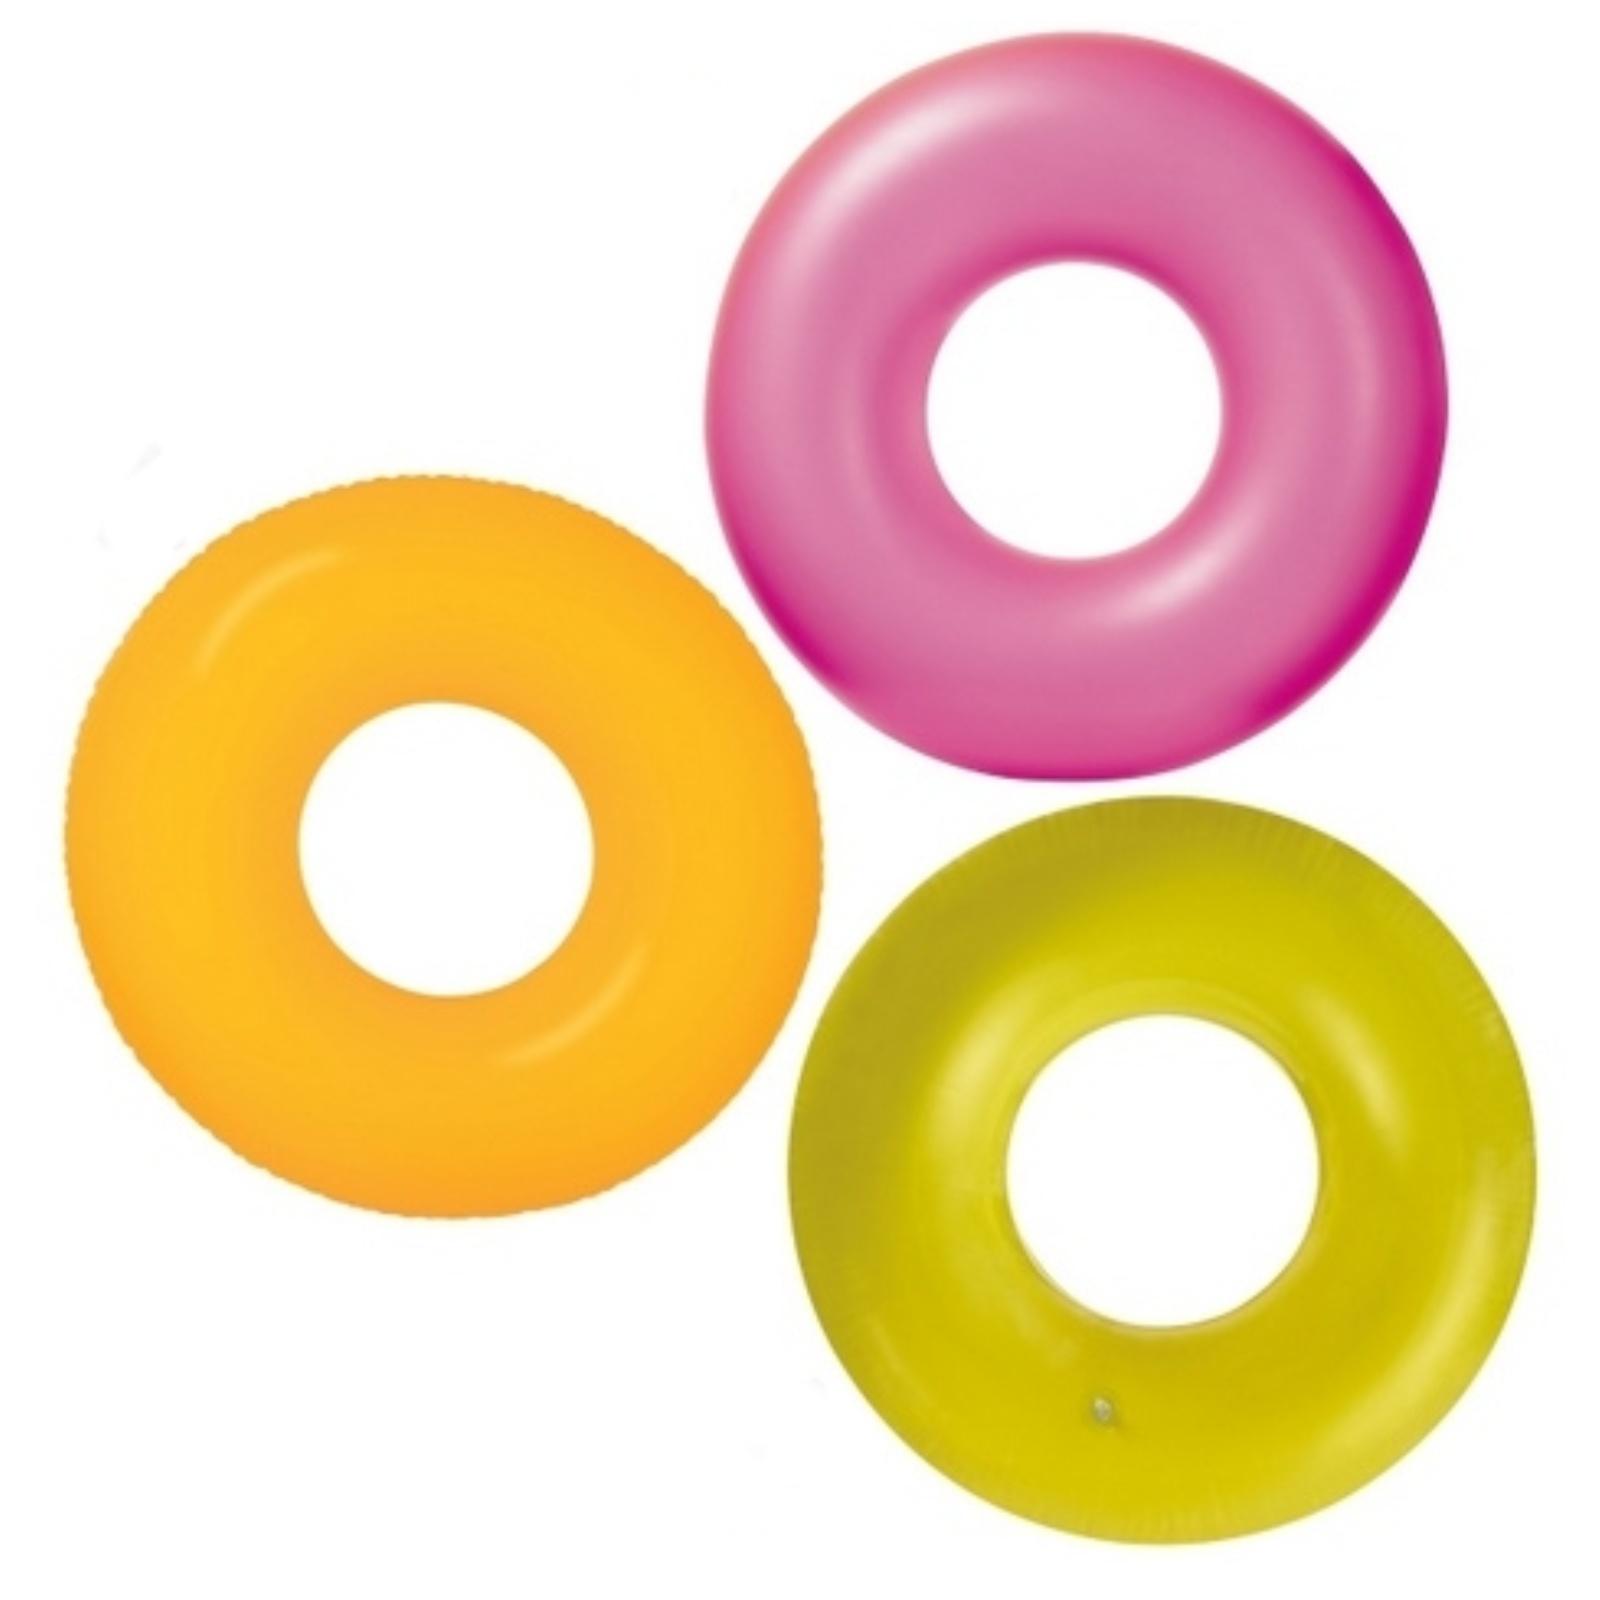 Nafukovací kruh neon 91 cm - žlutý